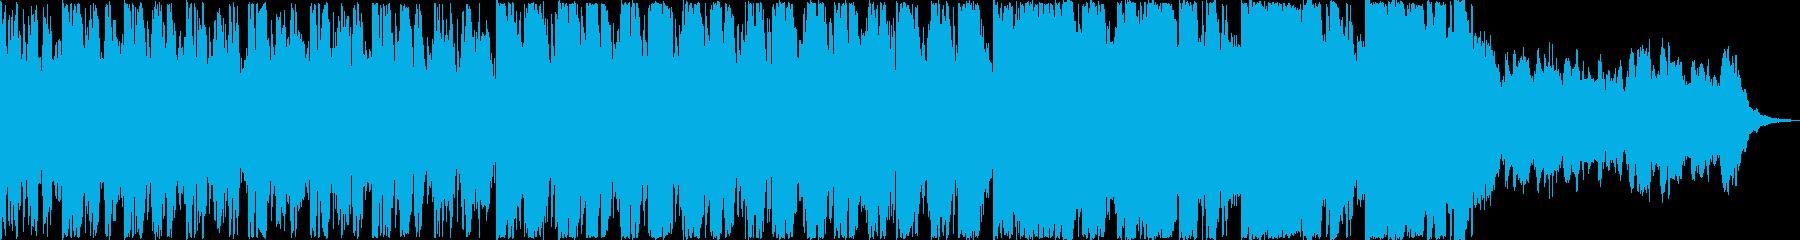 サスペンス映画の一場面をイメージして作…の再生済みの波形